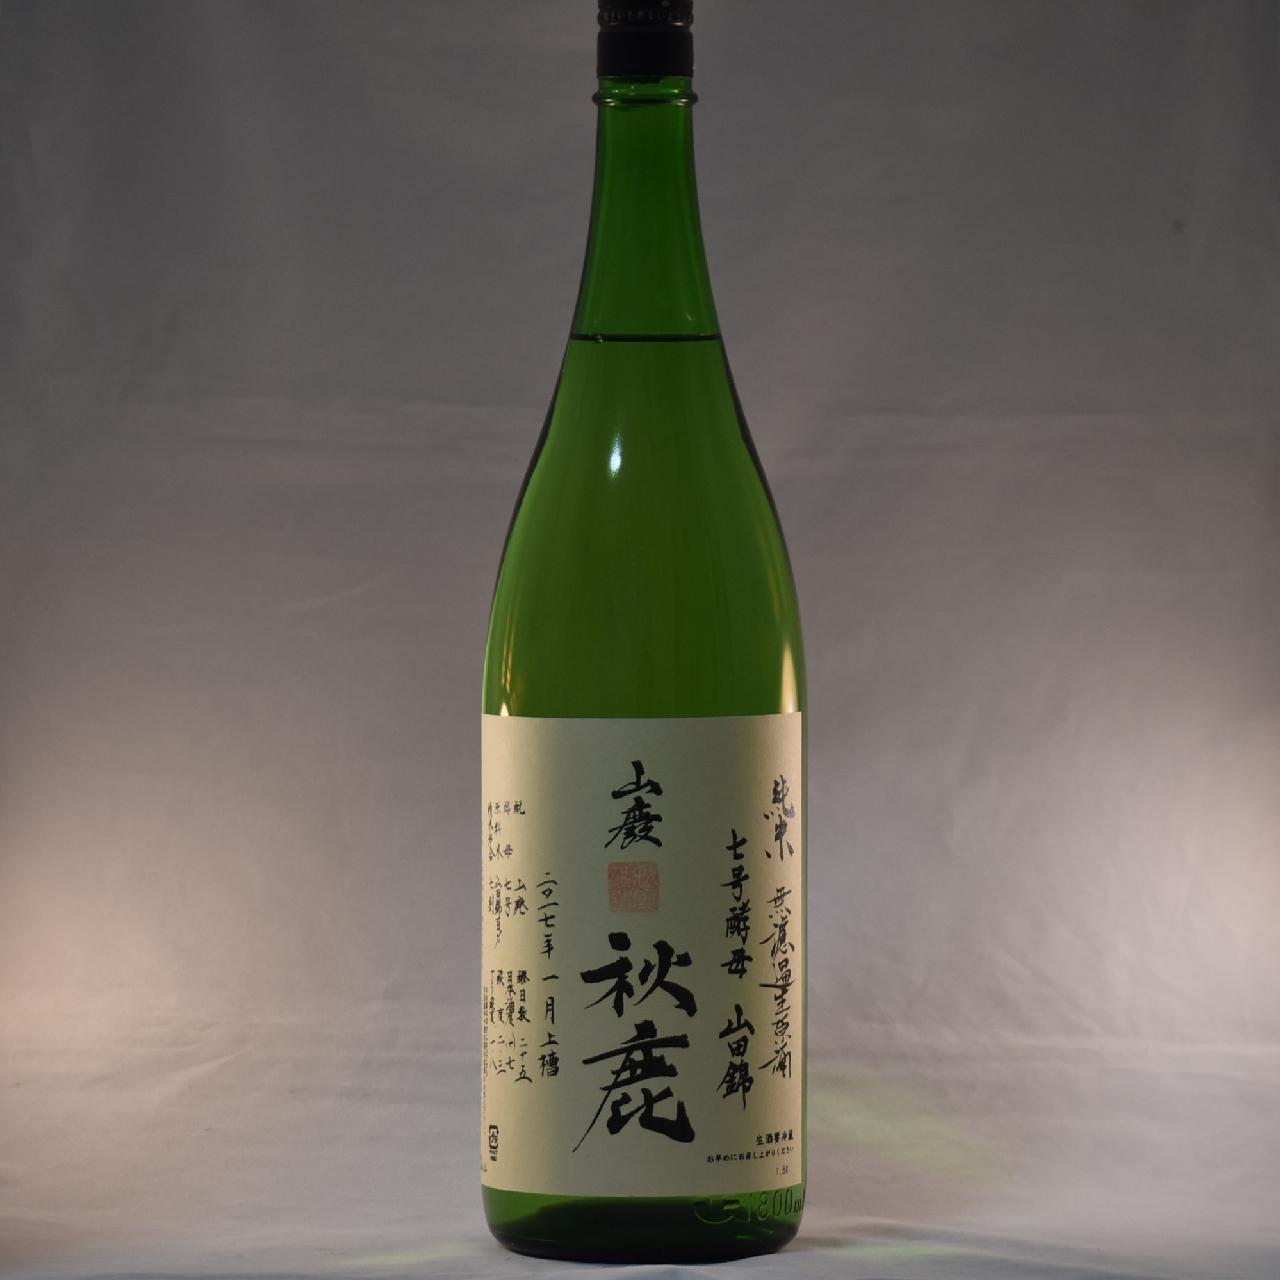 純米酒 山廃 山田 無濾過生原酒 1.8L